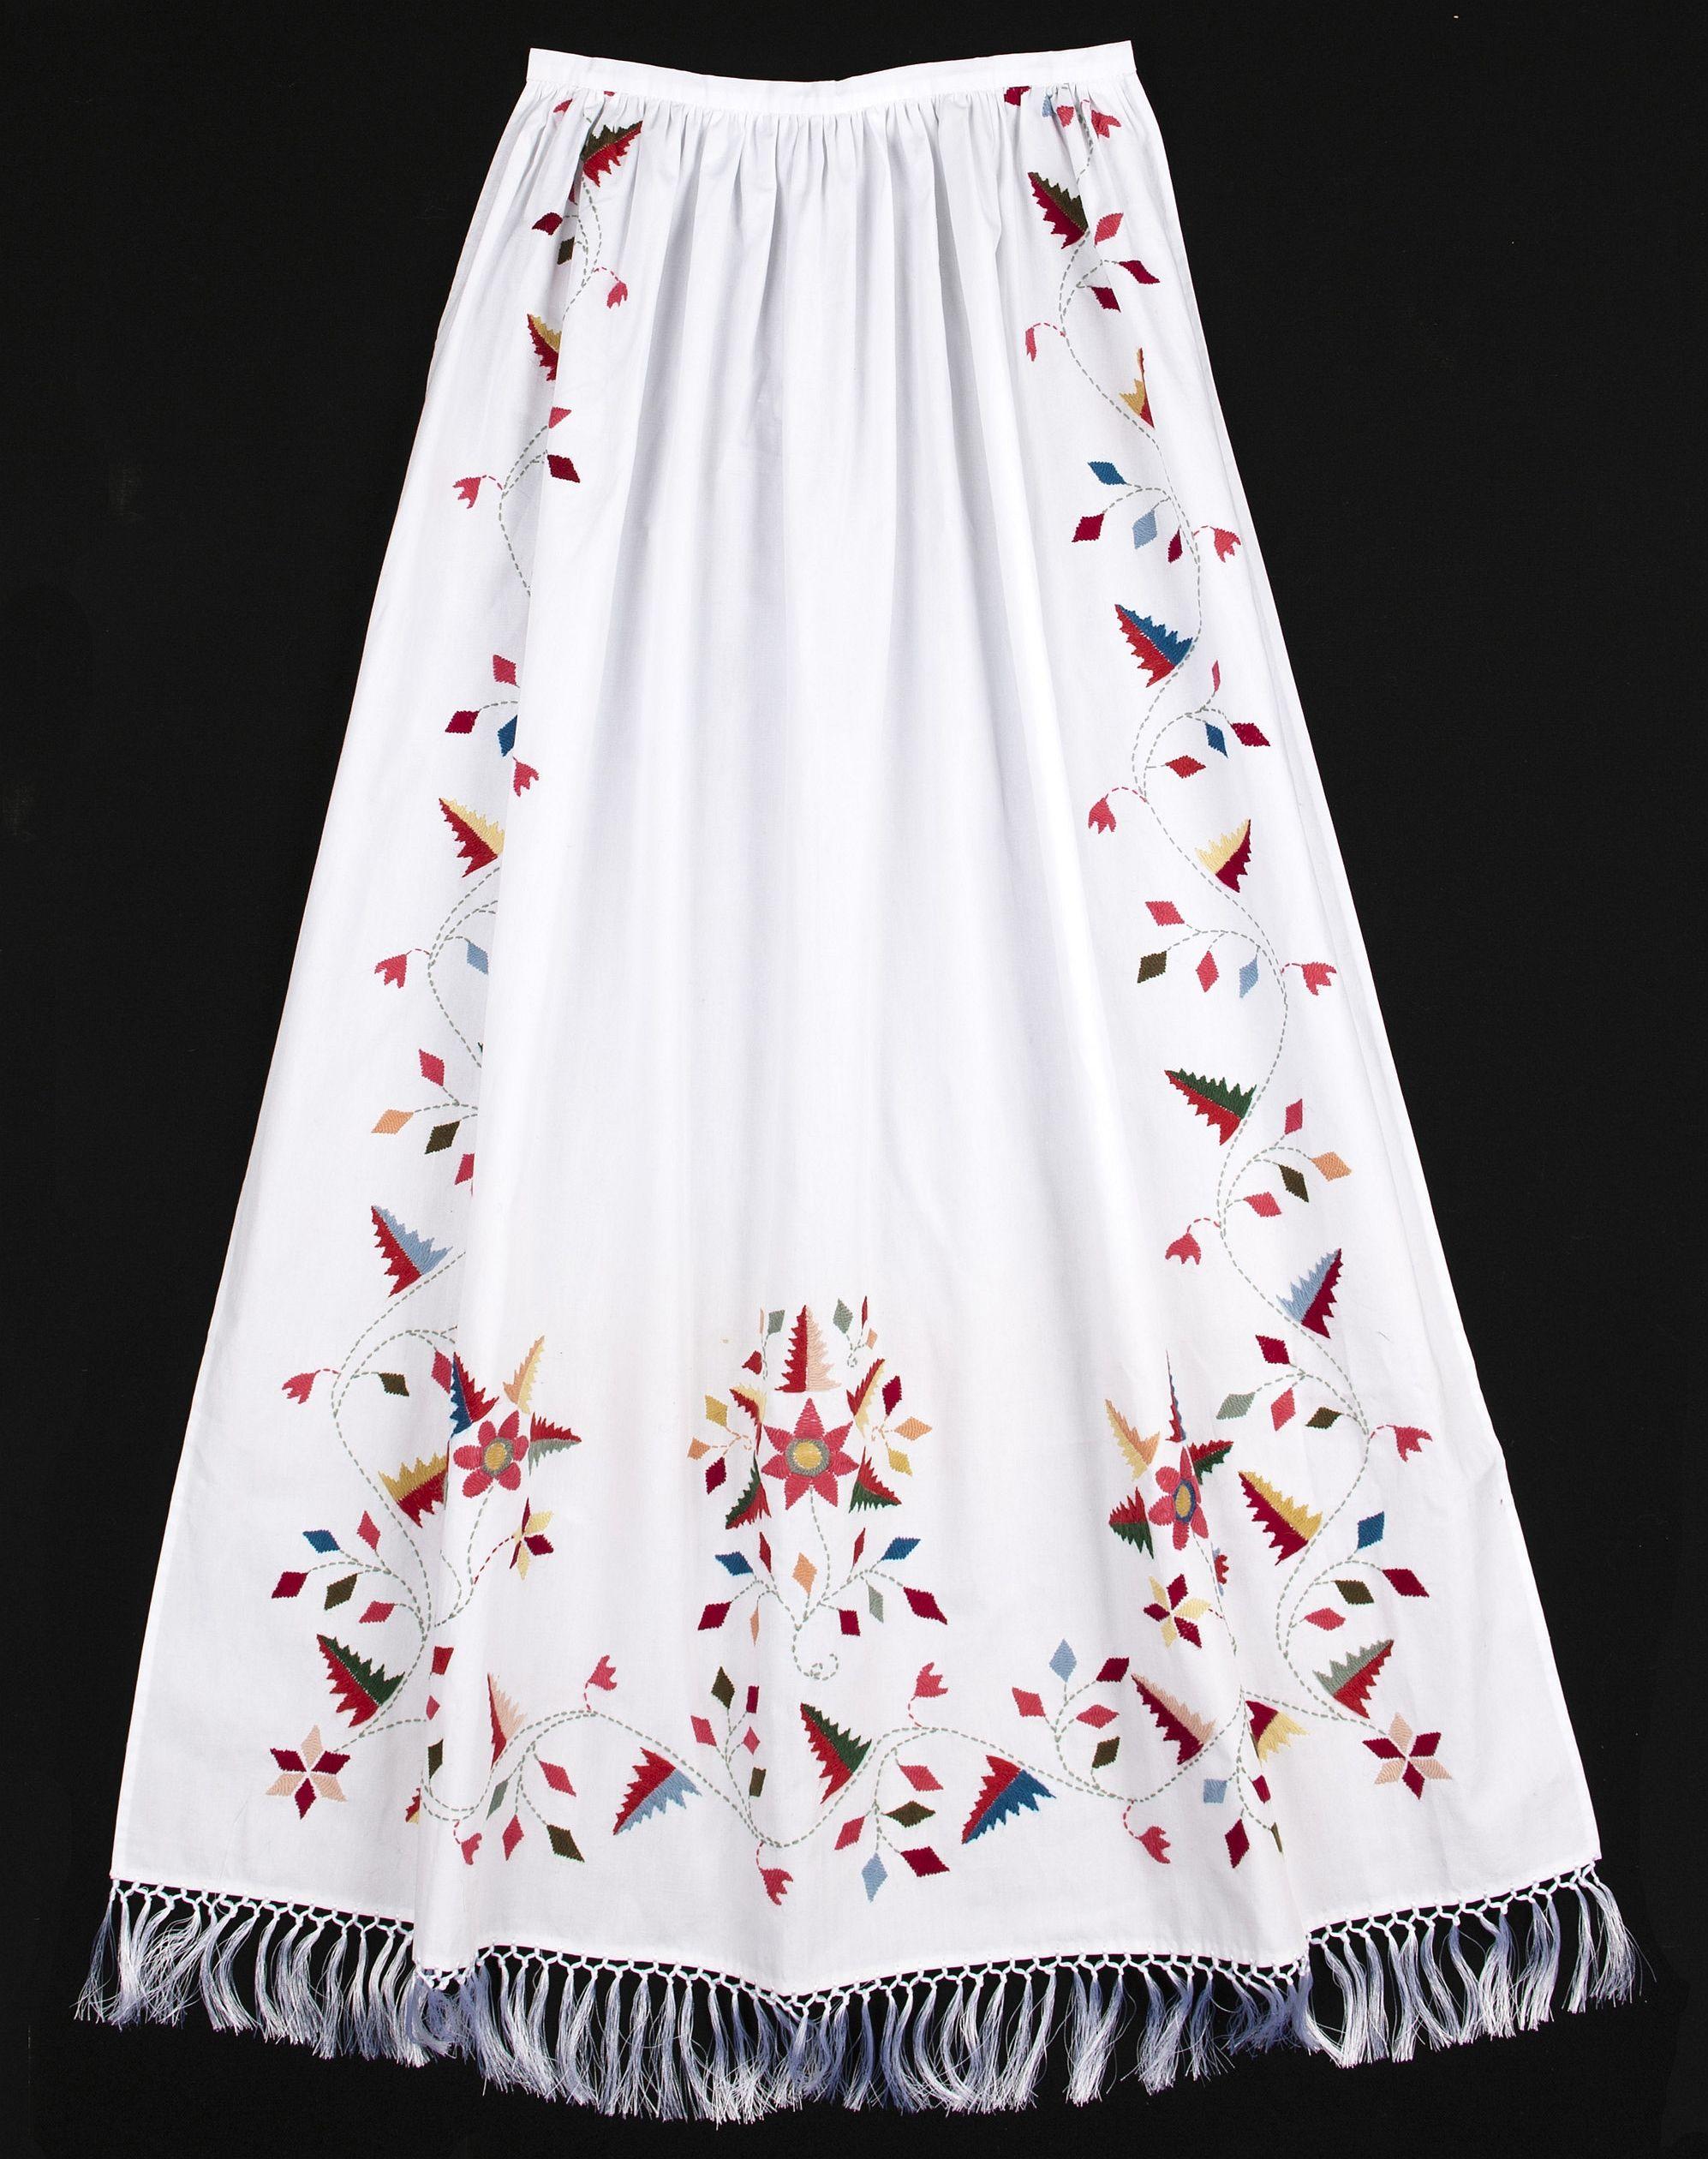 345e9995 Forkle til Åmlibunad - Mo   Bunads - Norway's National Costumes ...